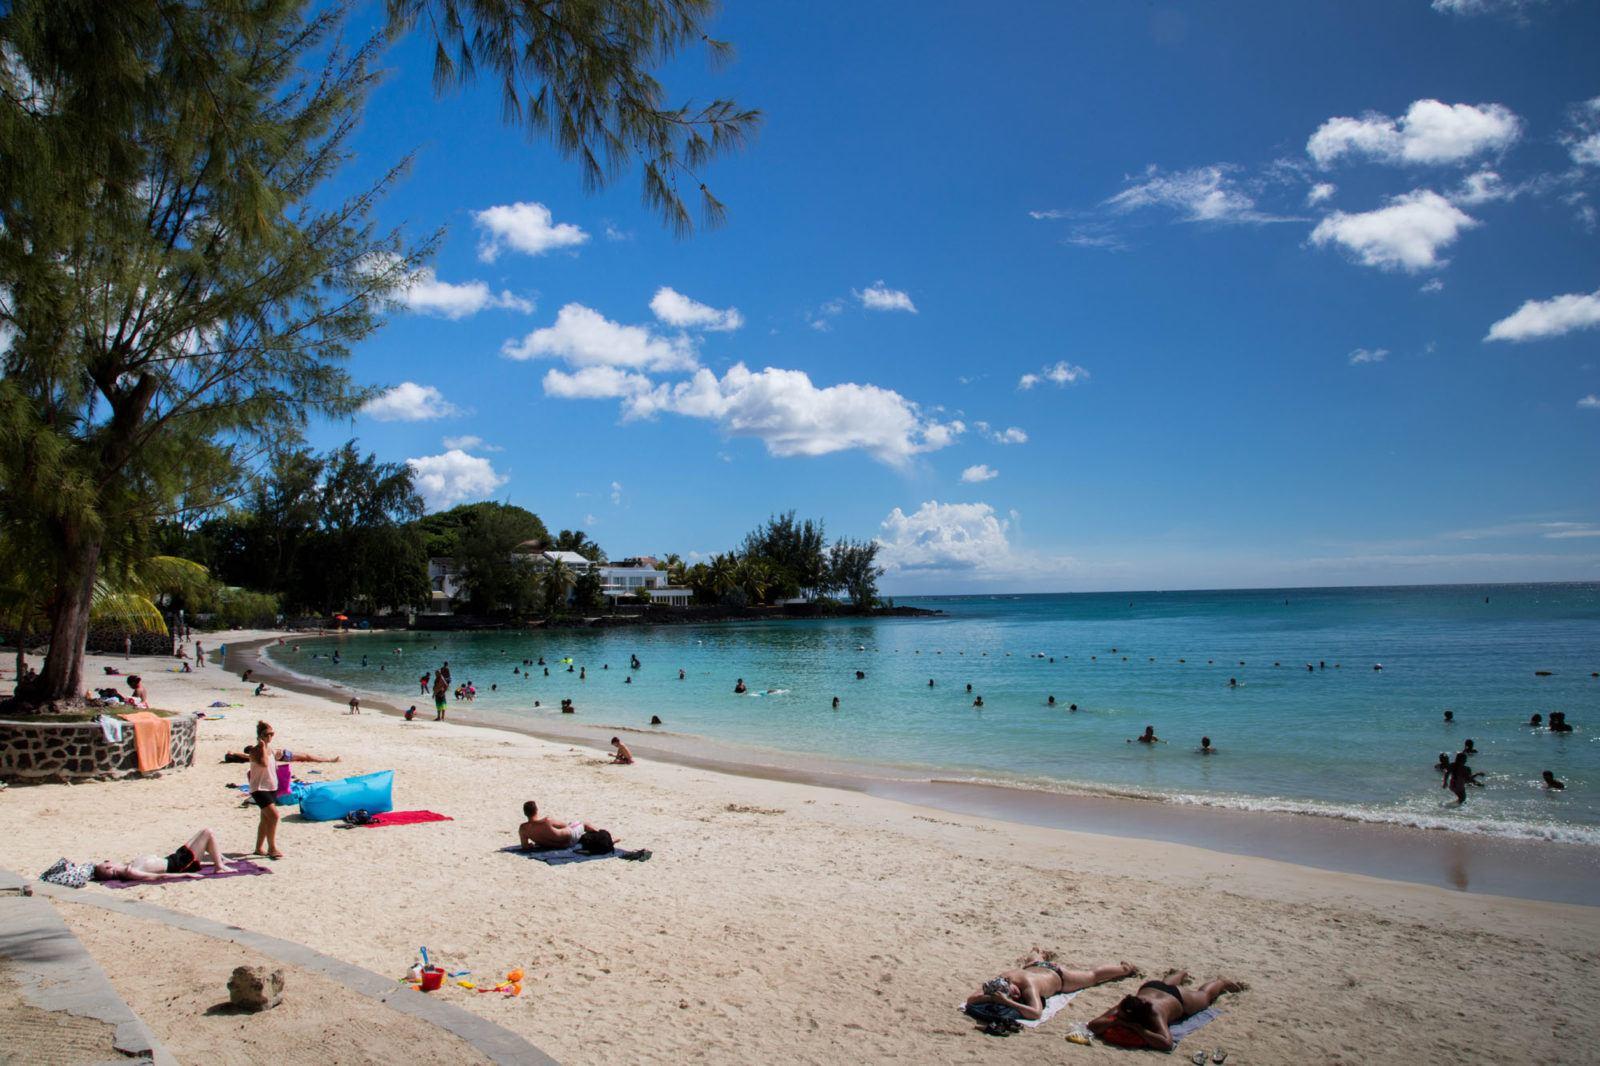 Люди загорают на пляже Чем заняться на Маврикии Чем заняться на Маврикии – Путешествие к звезде и ключу Индийского океана Grand Baie Beach Mauritius 1 1600x1066